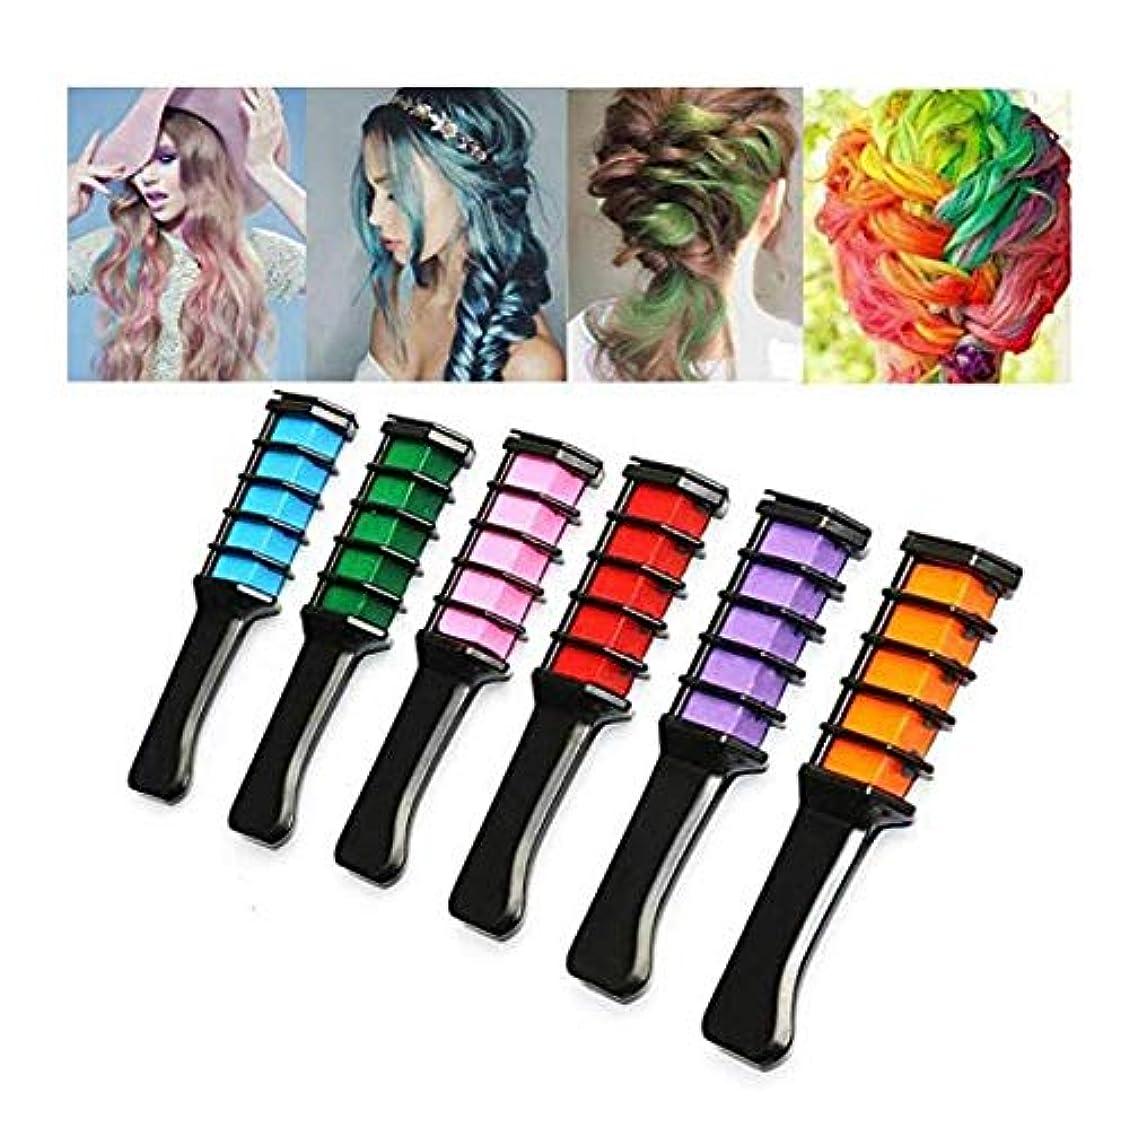 しゃがむ選択するダウン6色のヘアチョークコーム一時的なヘアカラークリームはすべての髪の色で動作しますDIYパーティーコスプレハロウィン